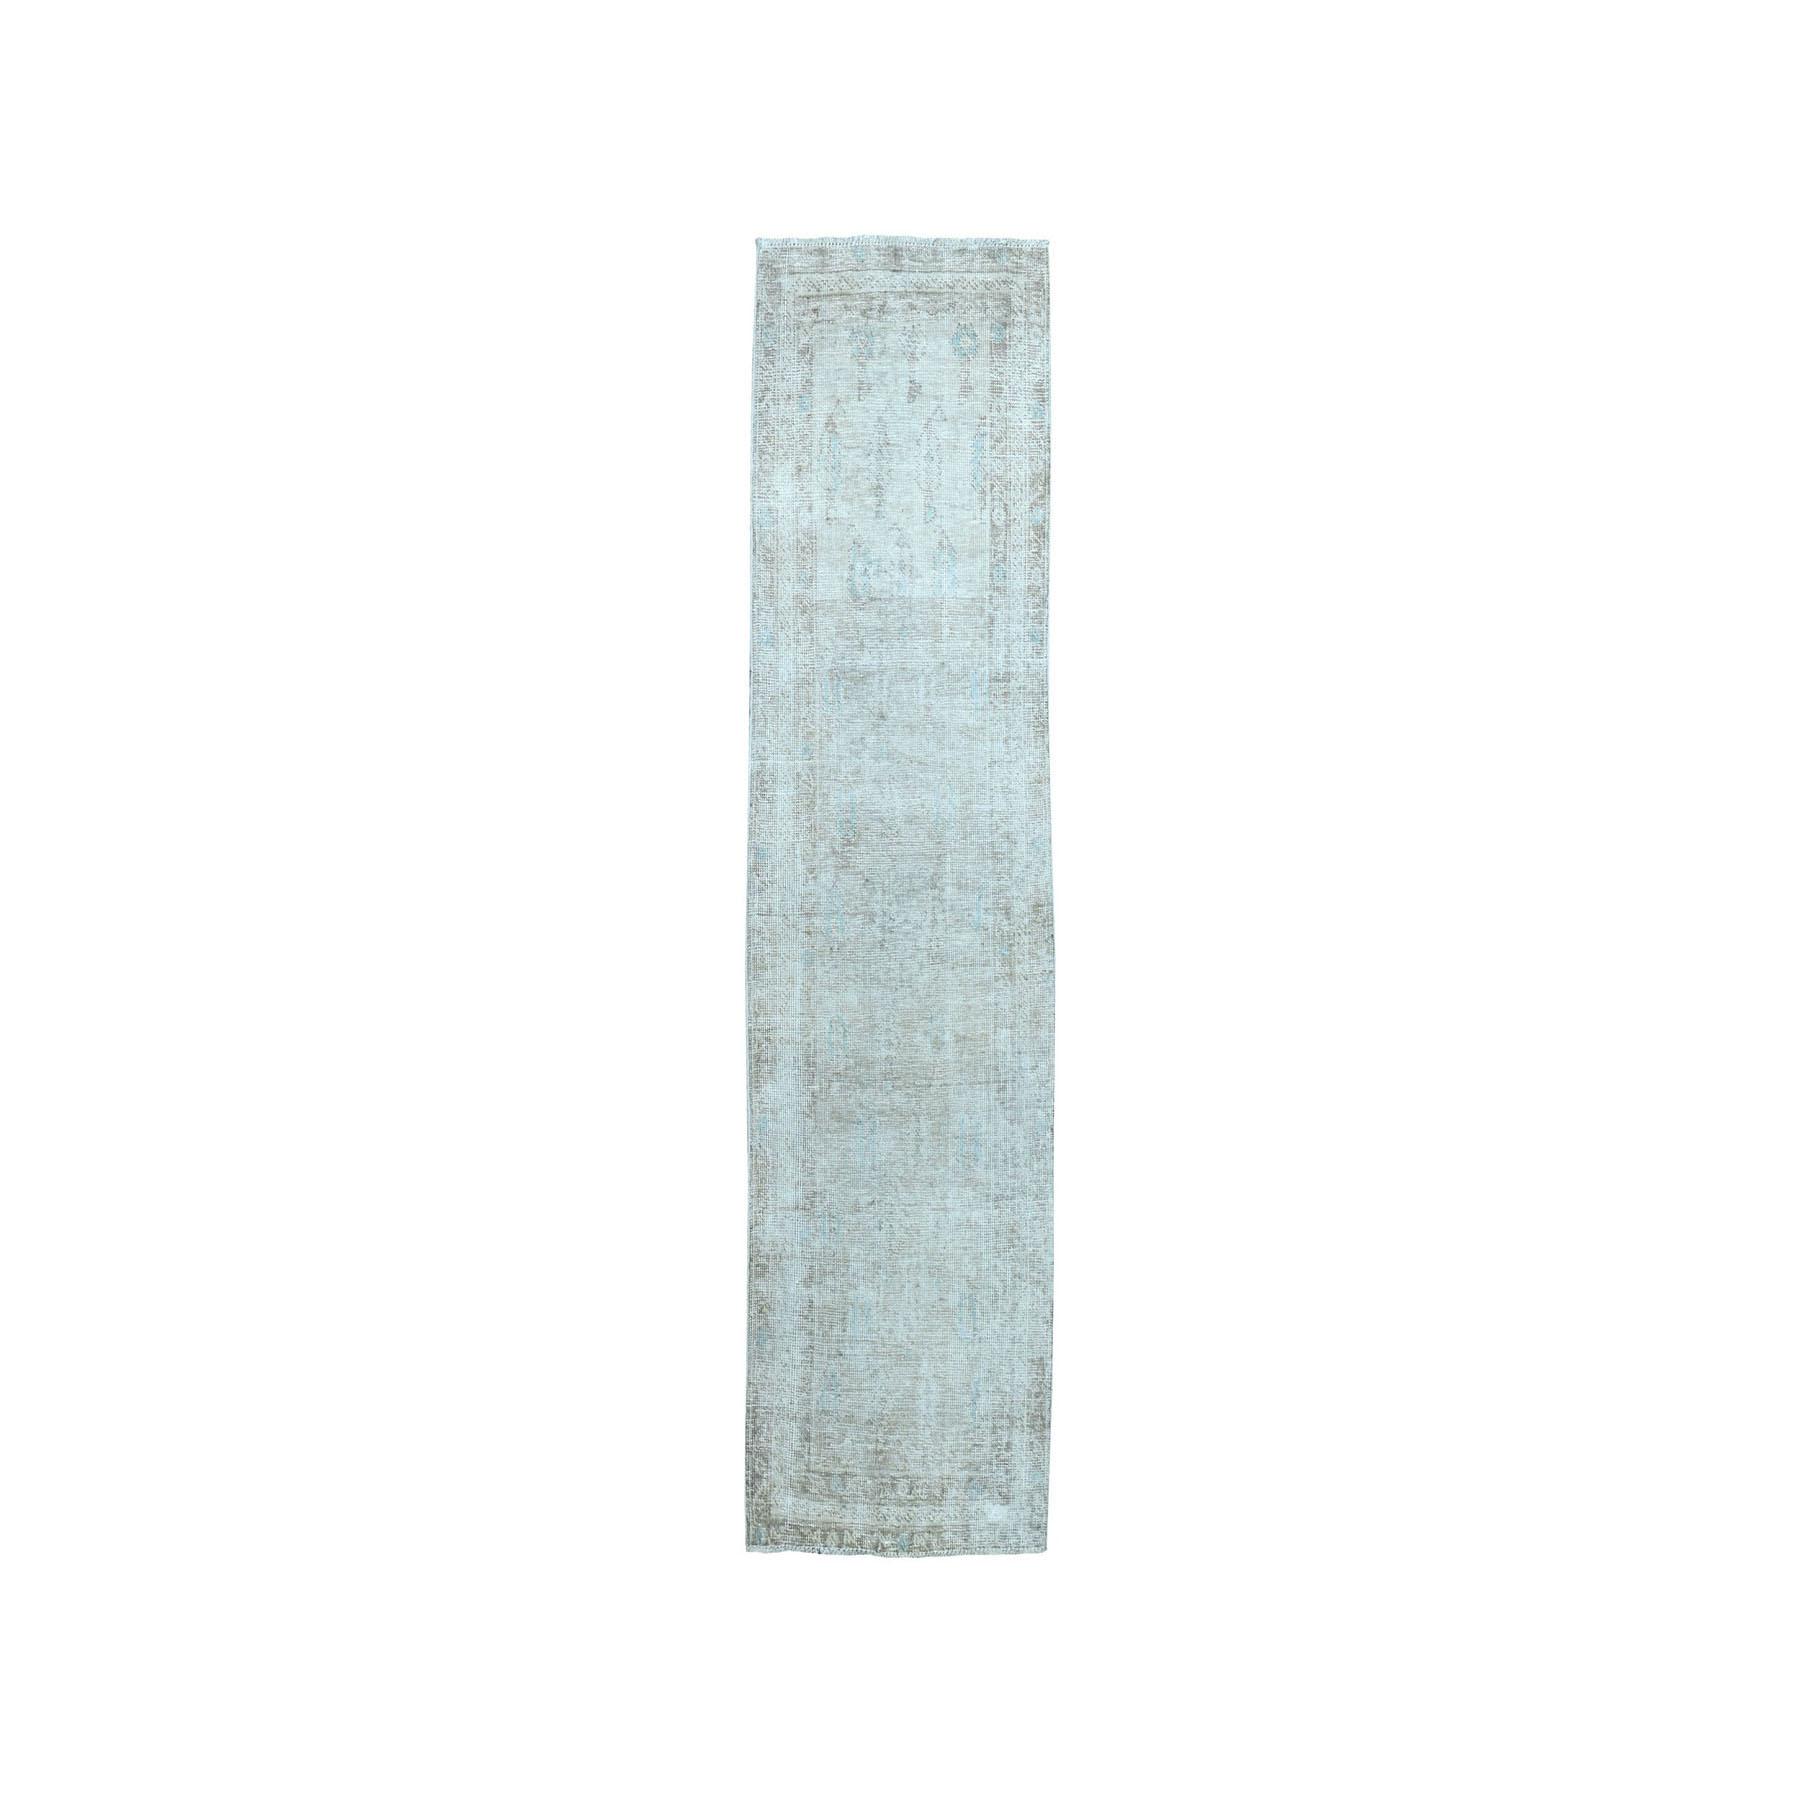 """1'8""""X5'2"""" Vintage White Wash Tabriz Worn Wool Runner Hand-Knotted Oriental Rug moae07c6"""